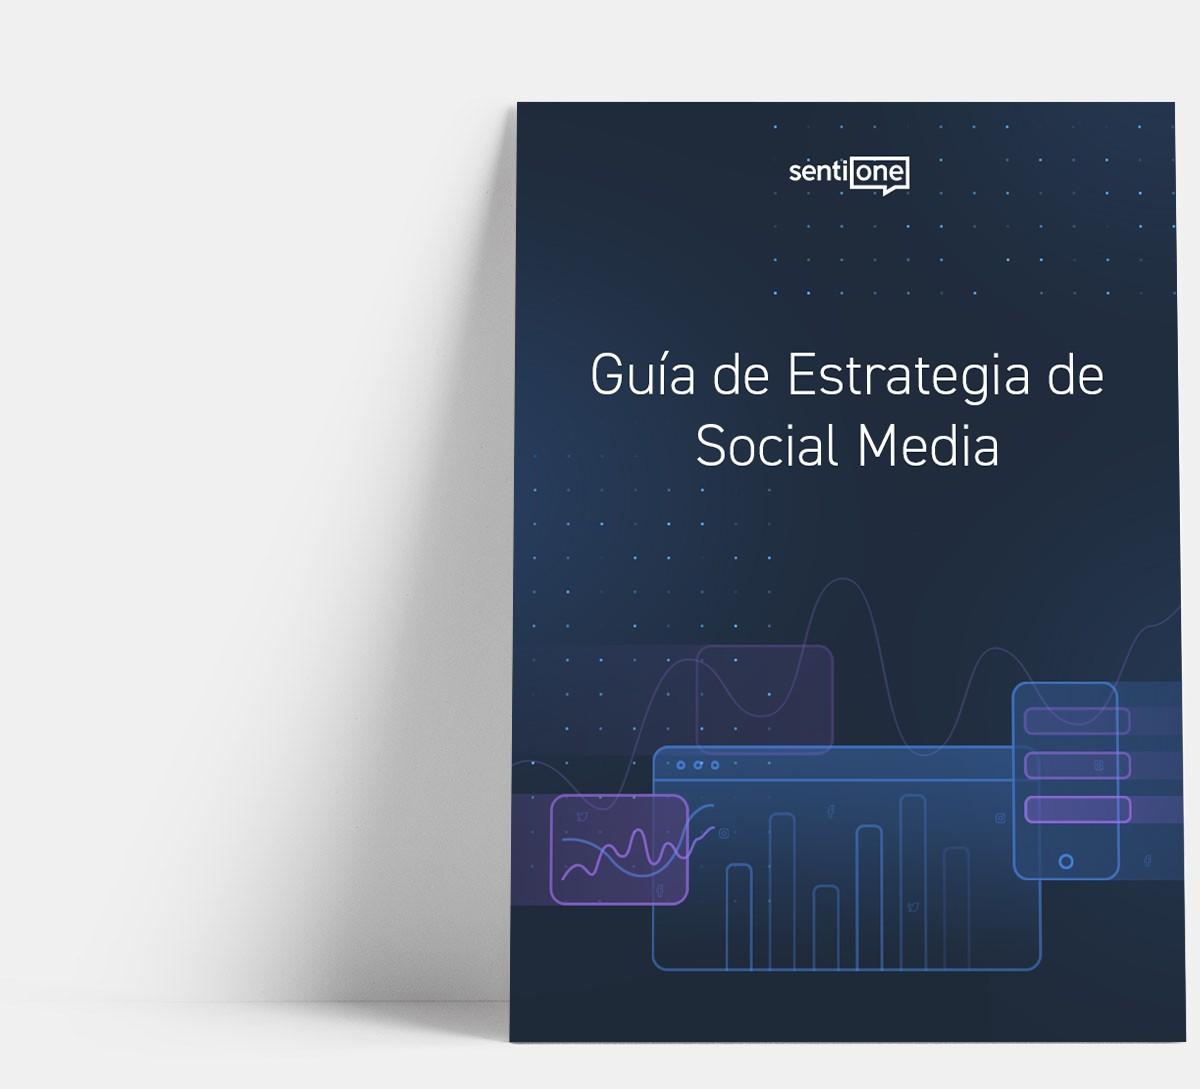 Guía de Estrategia de Social Media